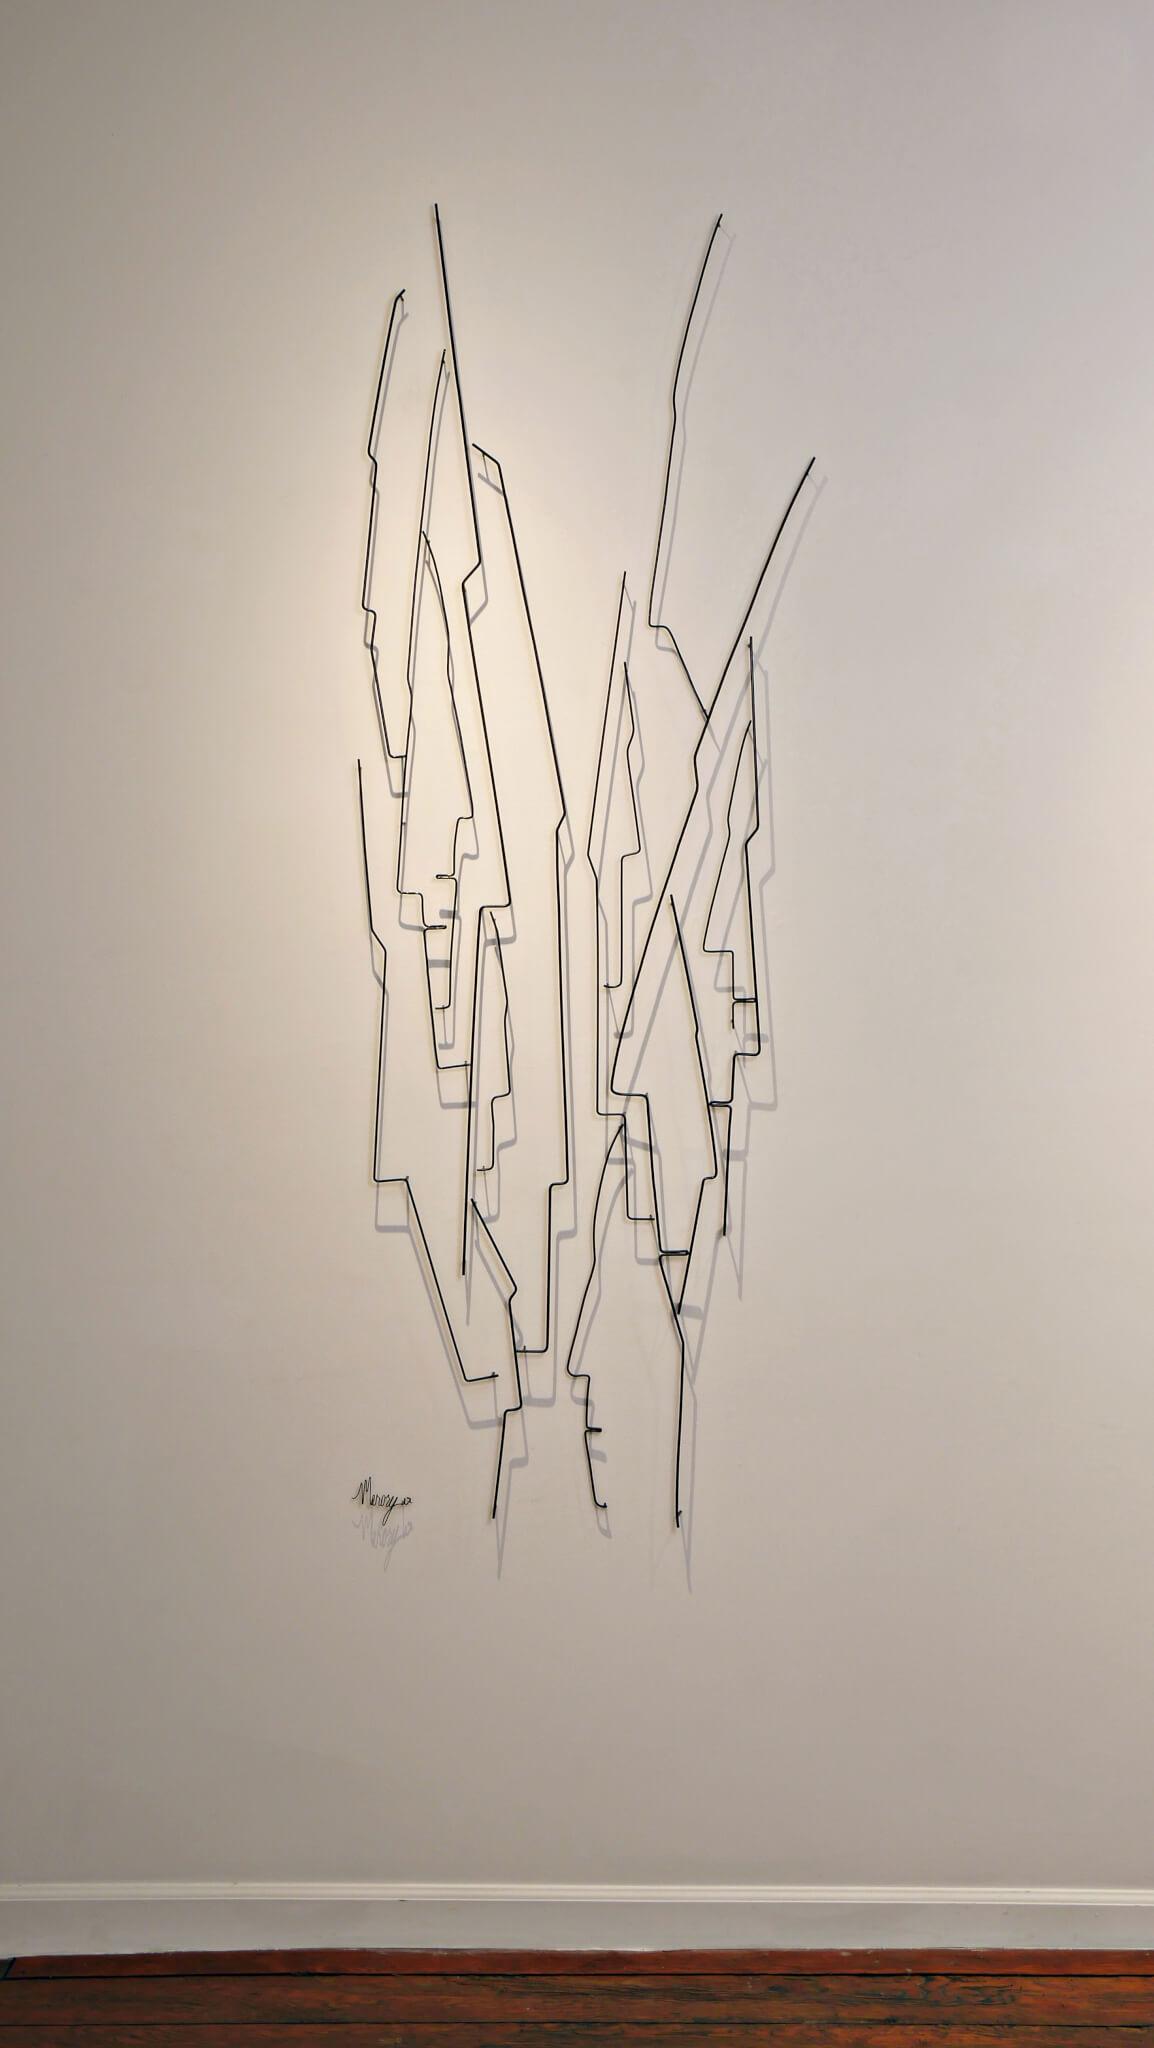 Vertical Landscape #6, 2017